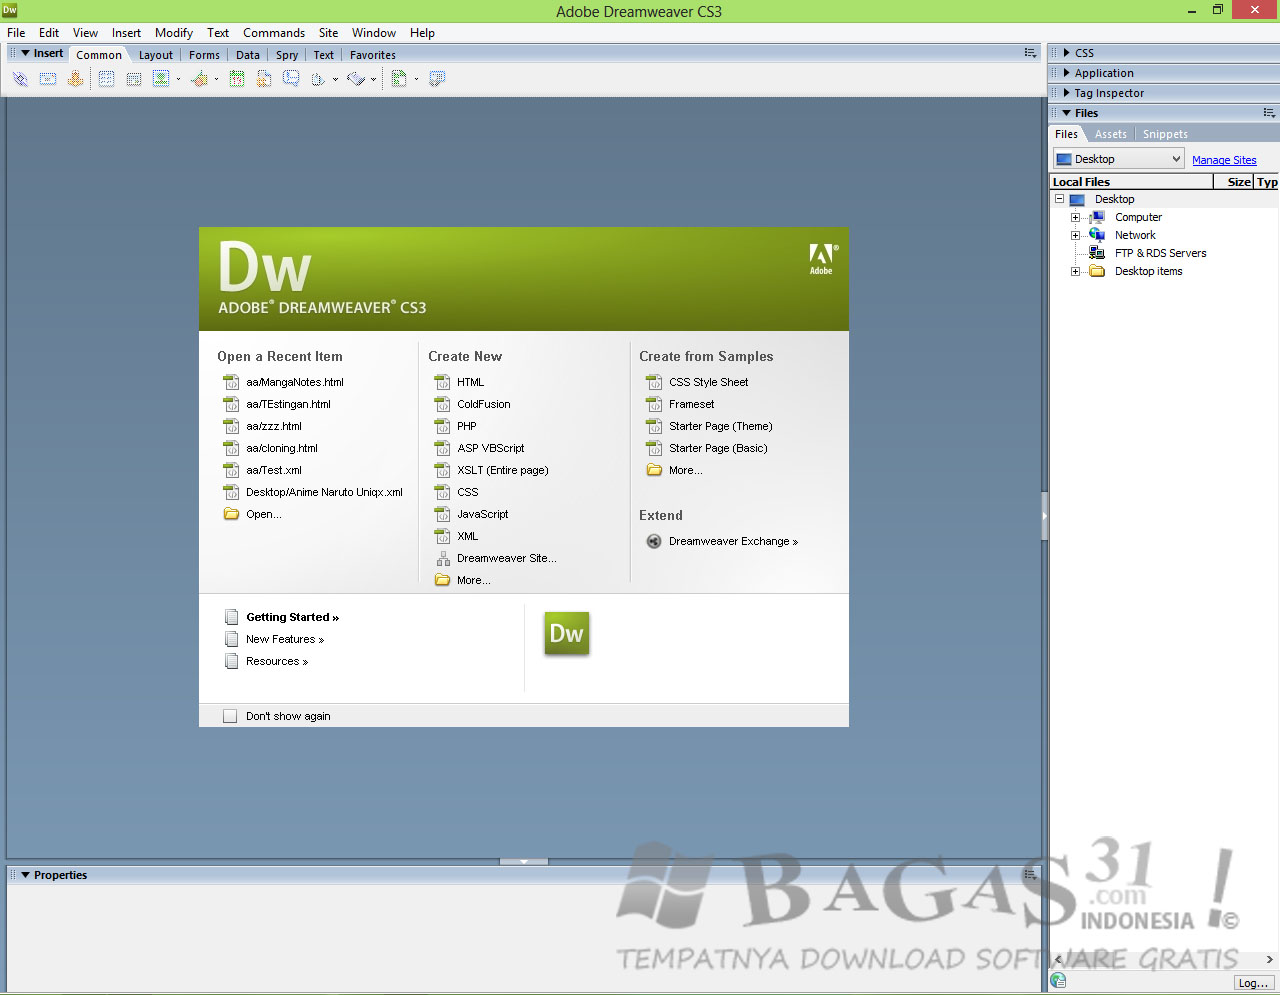 Adobe dreamweaver cs3 portable crack full version - listokarco's blog